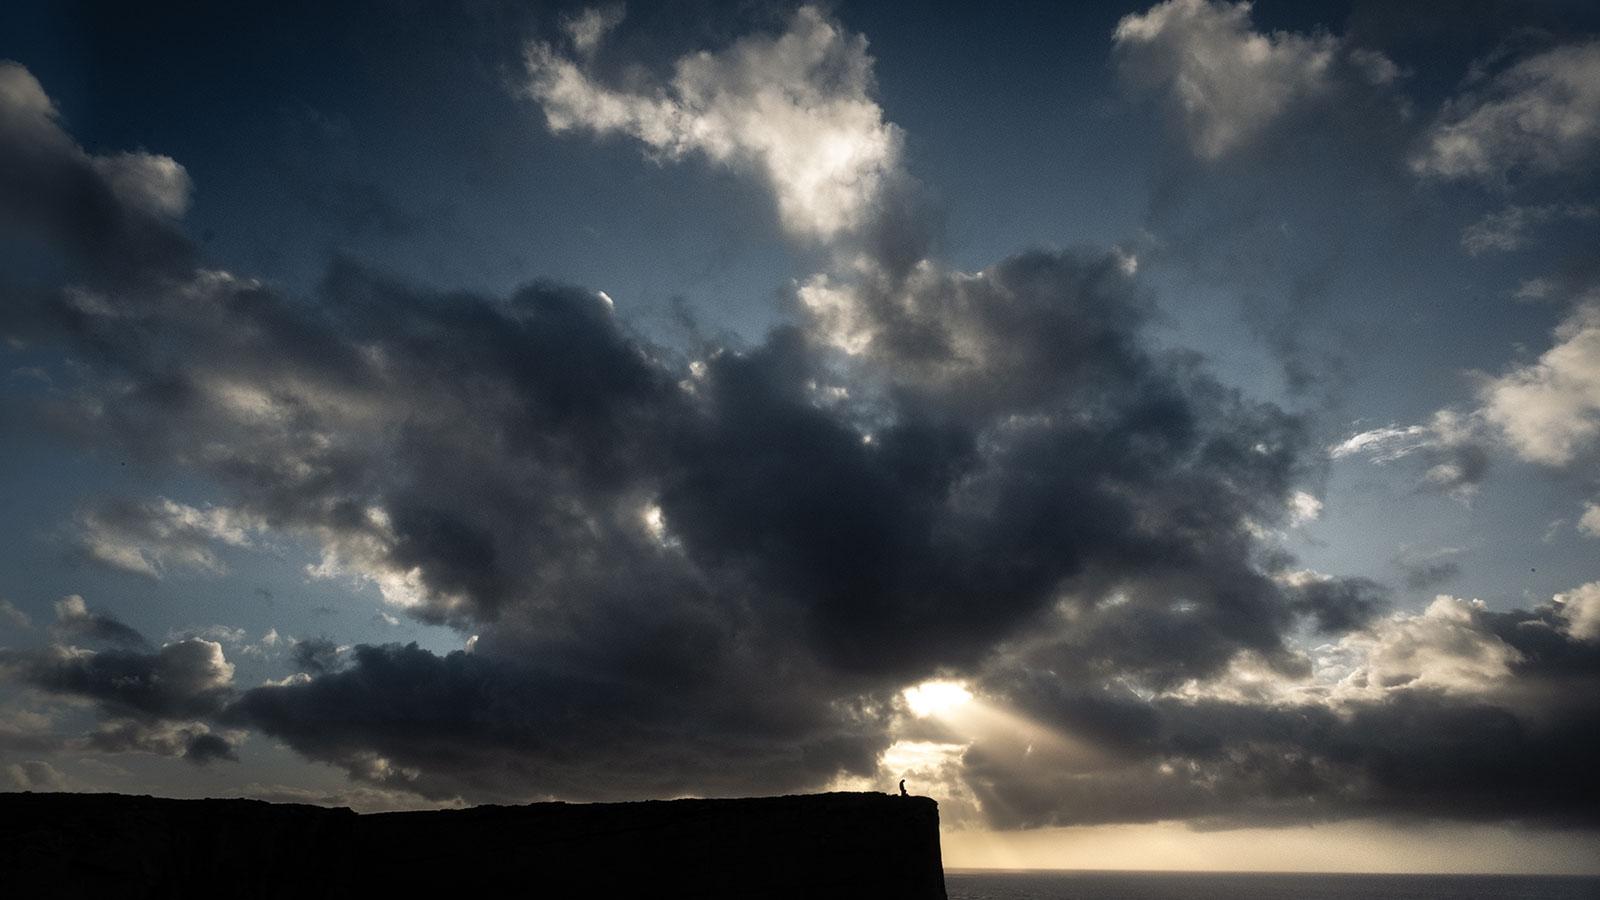 Wolkenloch, Sonnenstrahlen. Schottland | Pauli Trenkwalder, Berge & Psychologie